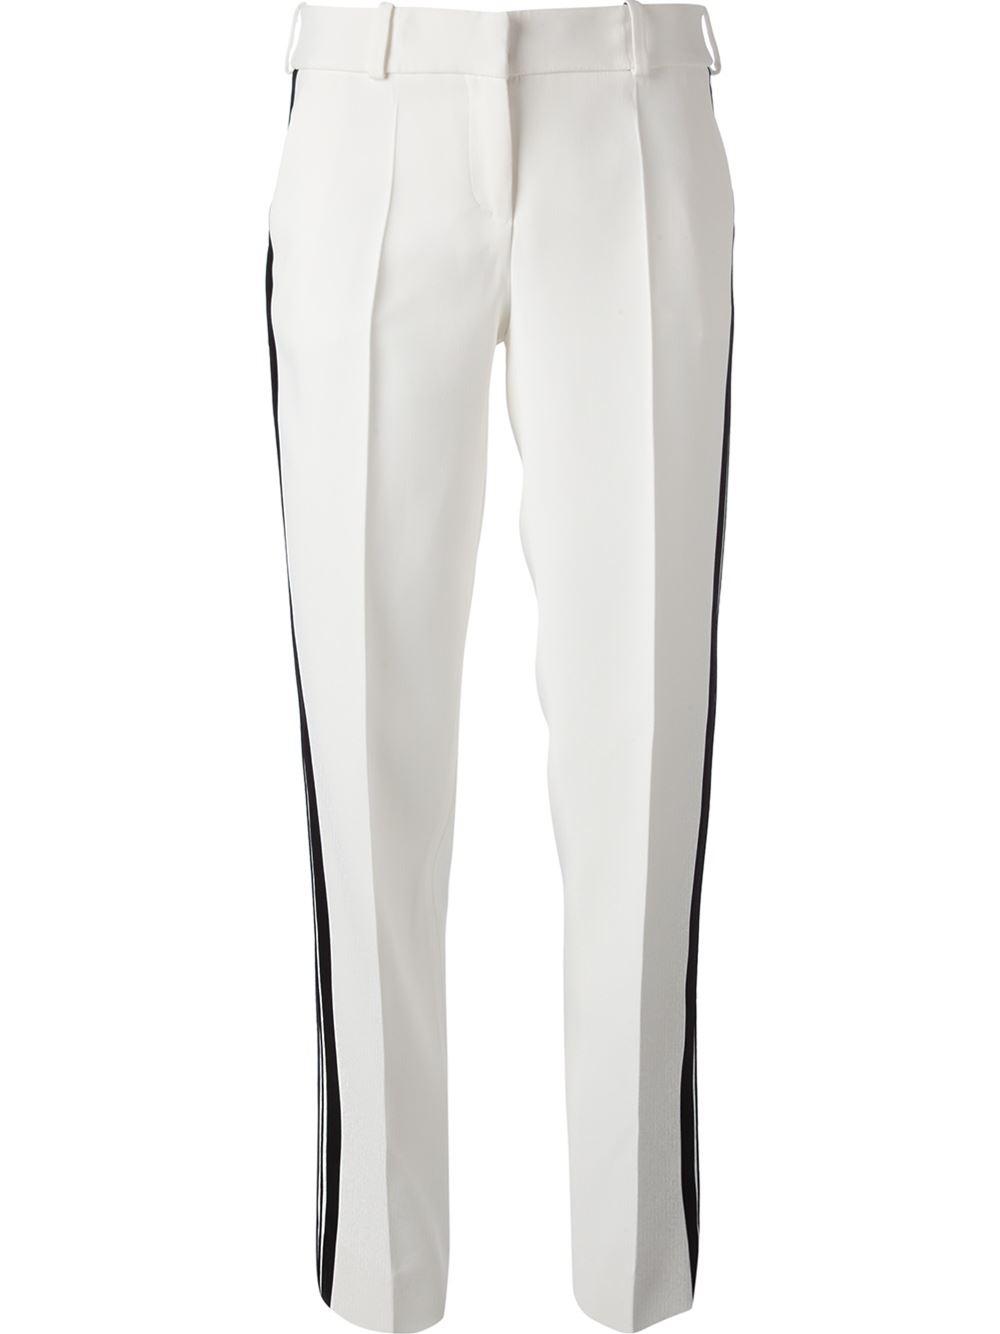 GIORGIO ARMANI white wide leg trousers black side stripe